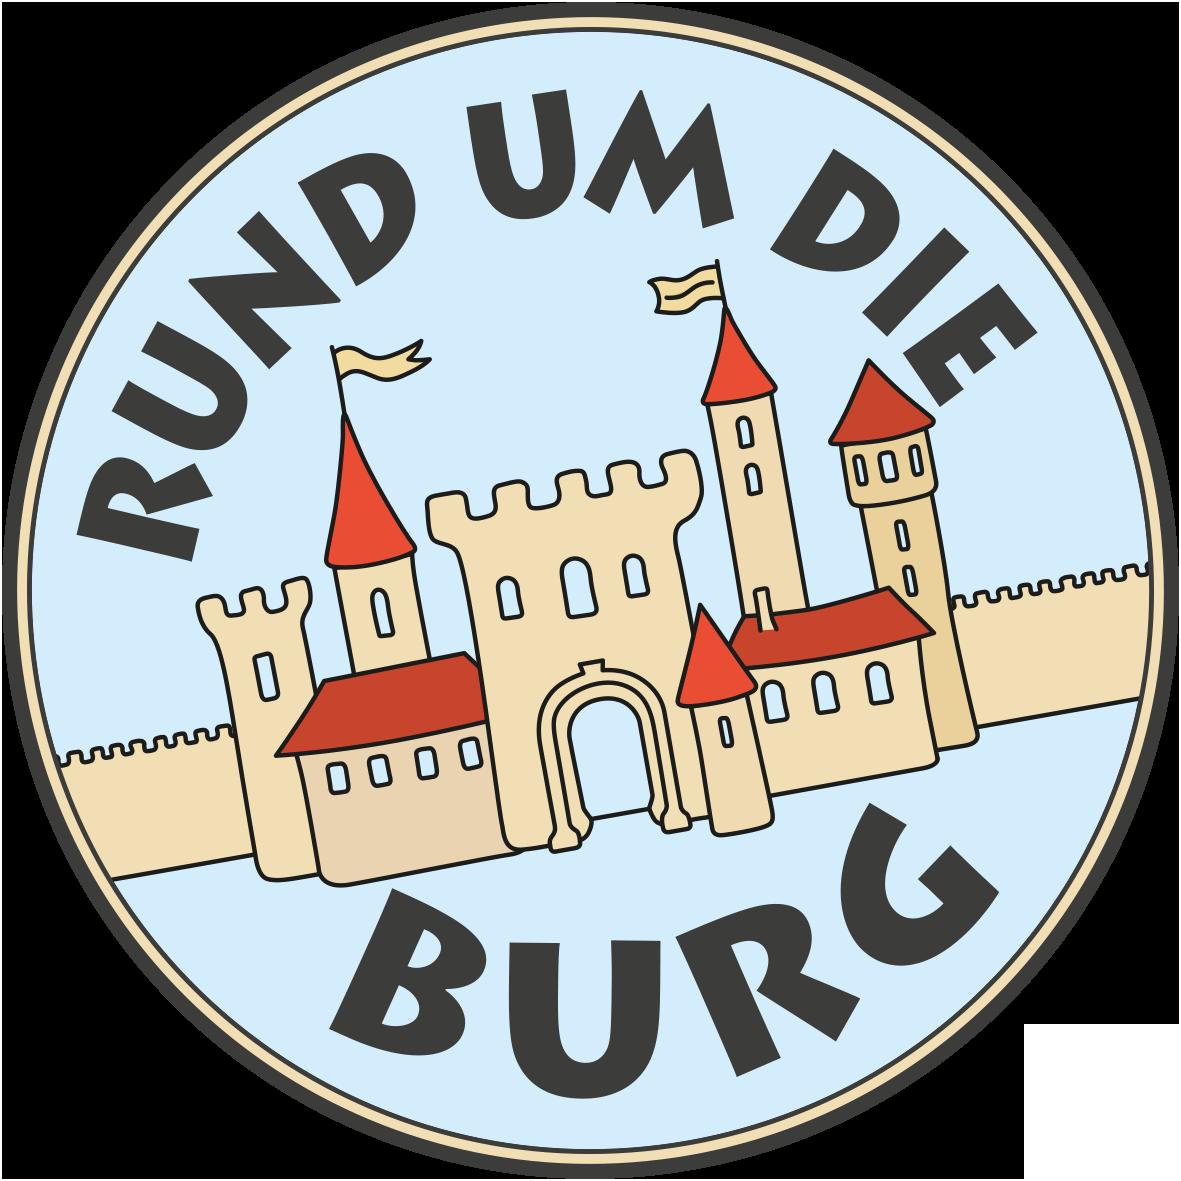 Ausstellung Rund um die Burg Wort-Bild-Marke Button